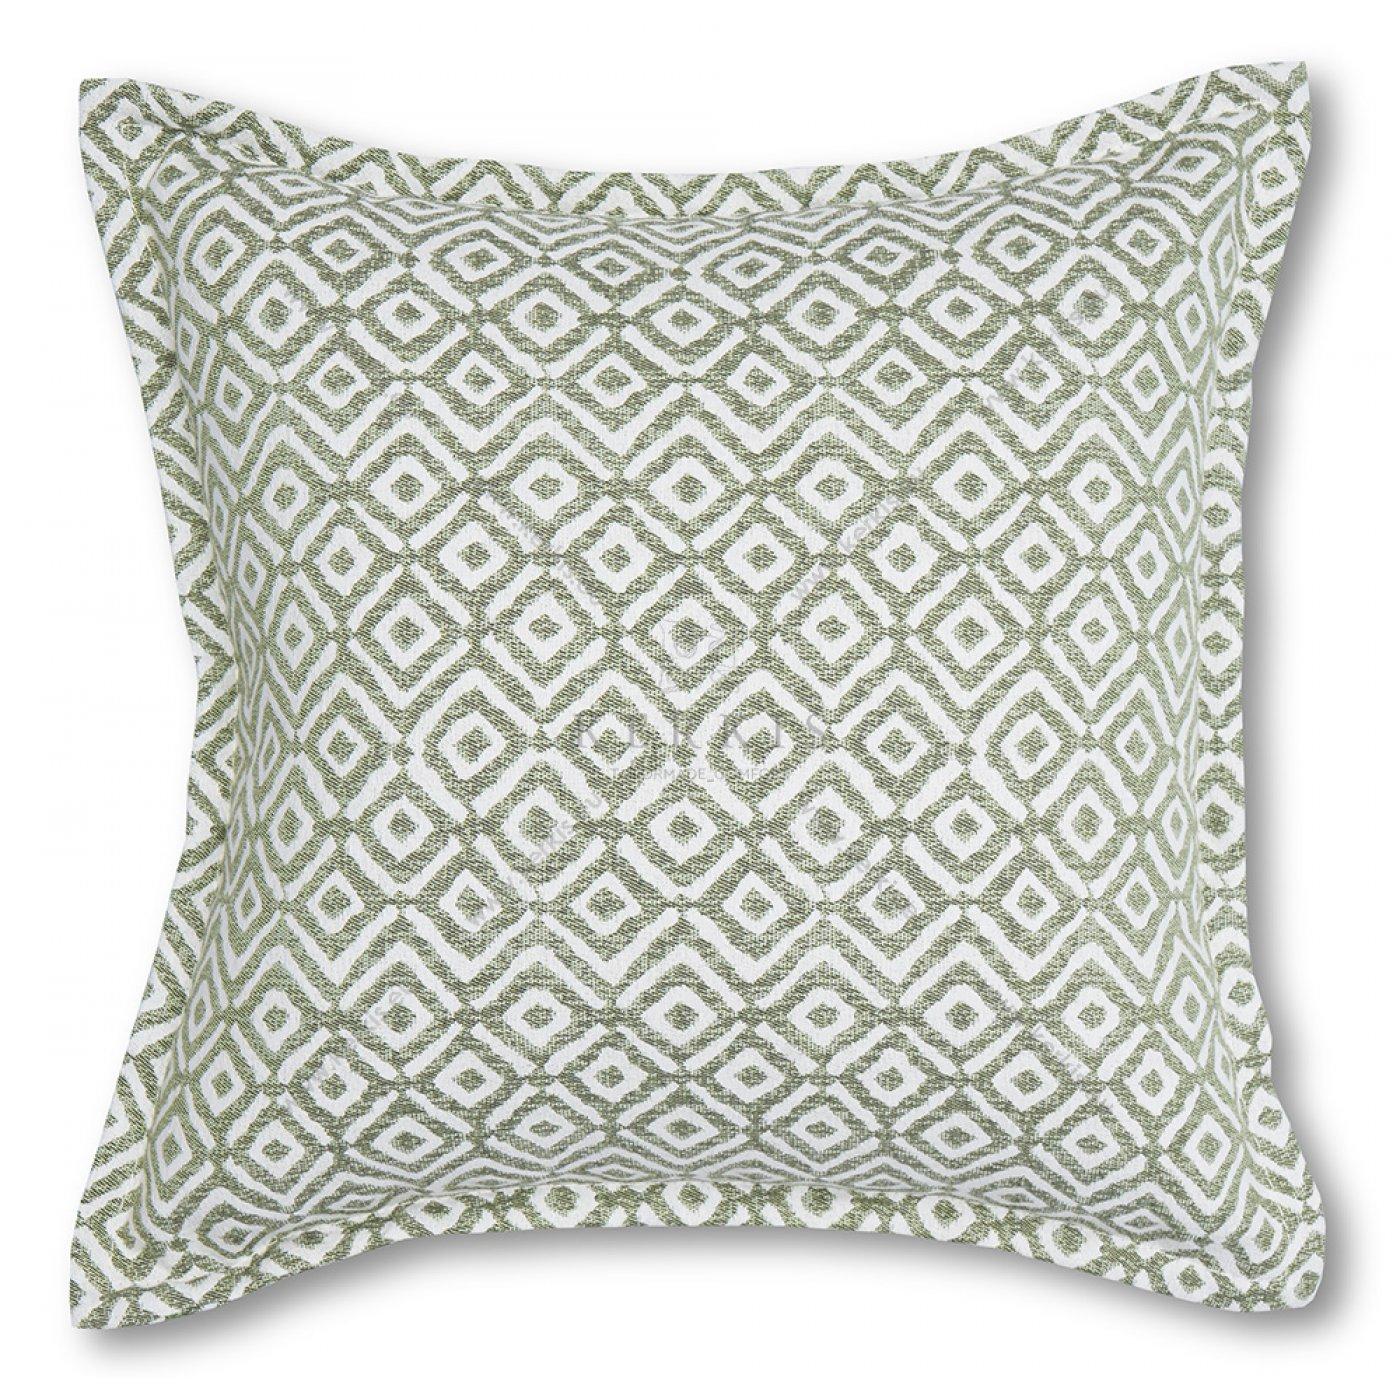 Διακοσμητικό μαξιλάρι καναπέ, χρώμα πράσινο, ρόμβος